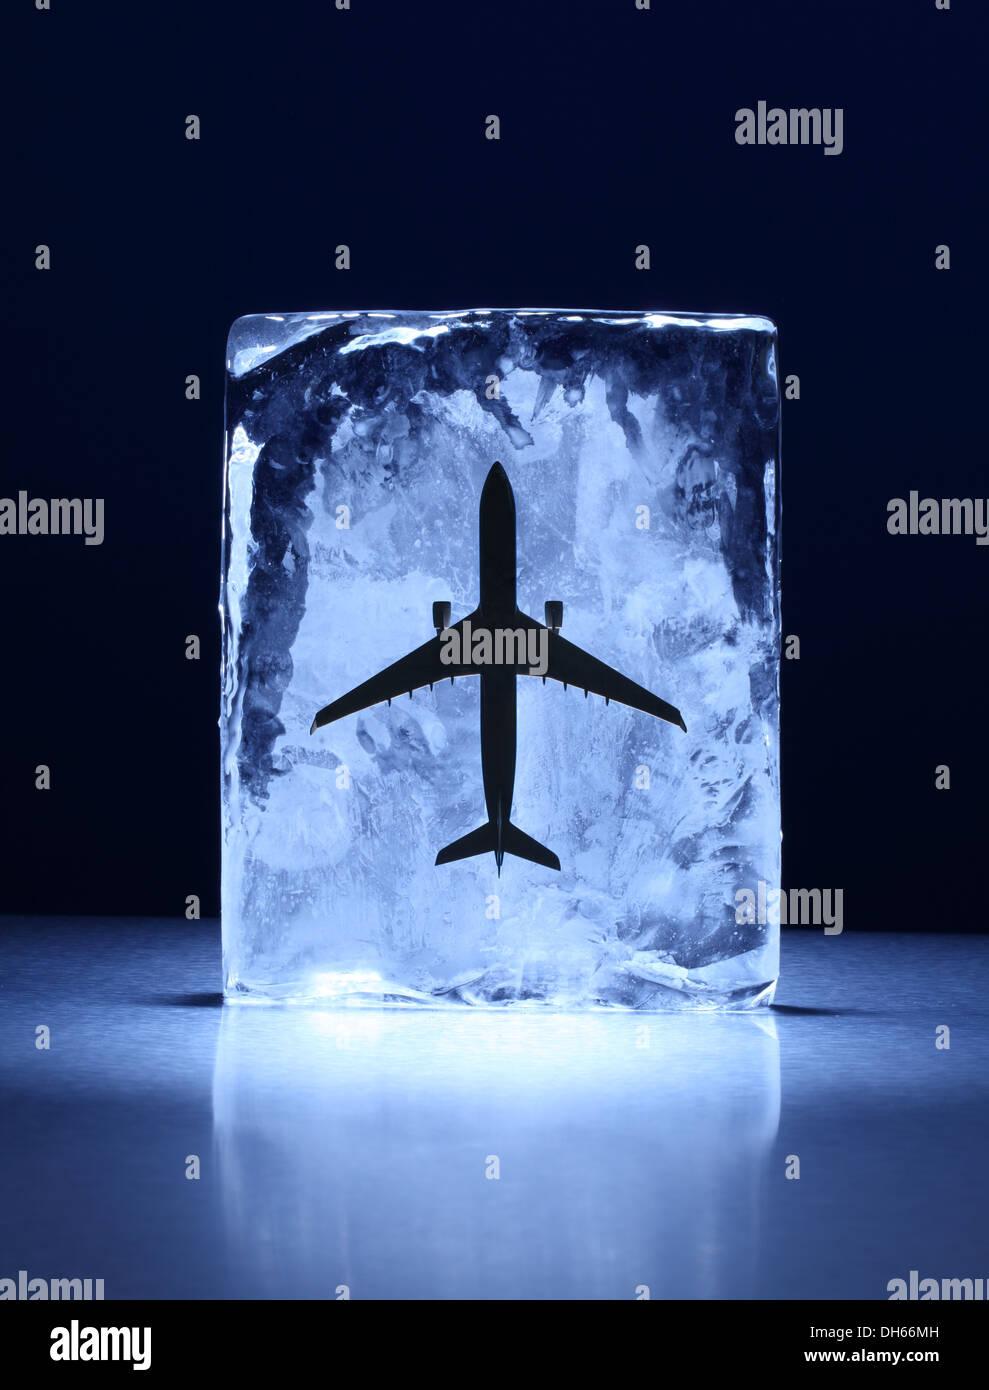 Un modello di aeroplano congelati in un chiaro blocco di ghiaccio Immagini Stock